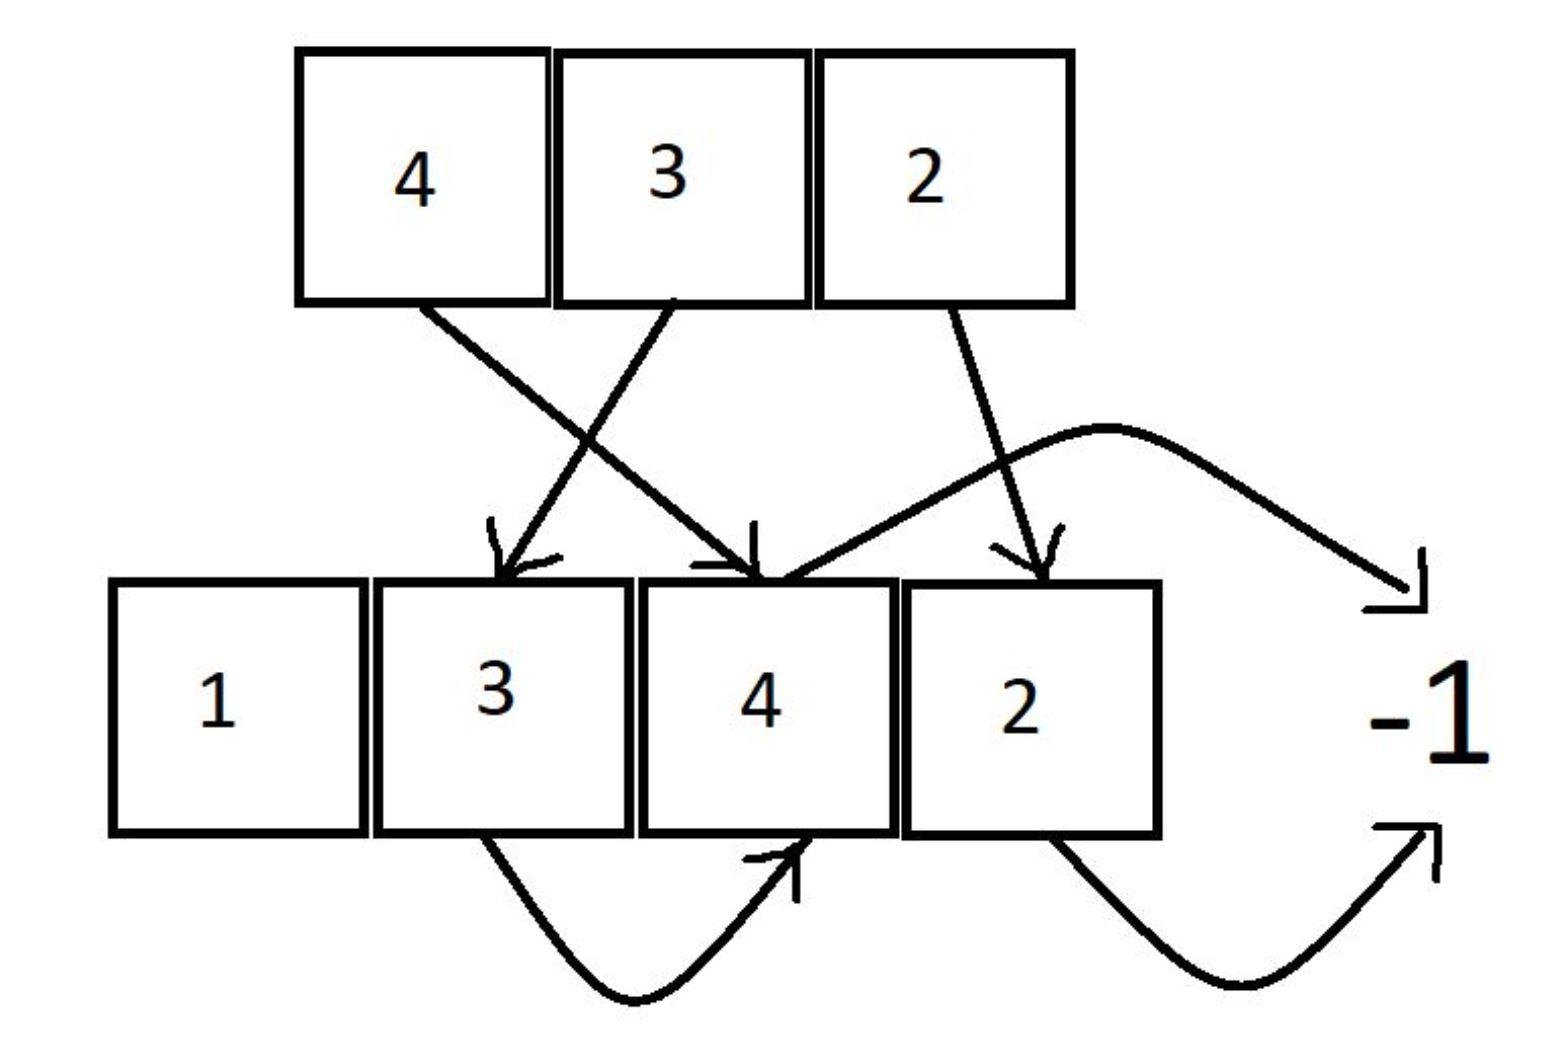 ቀጣይ ታላቁ ንጥረ ነገር እኔ Leetcode መፍትሔ